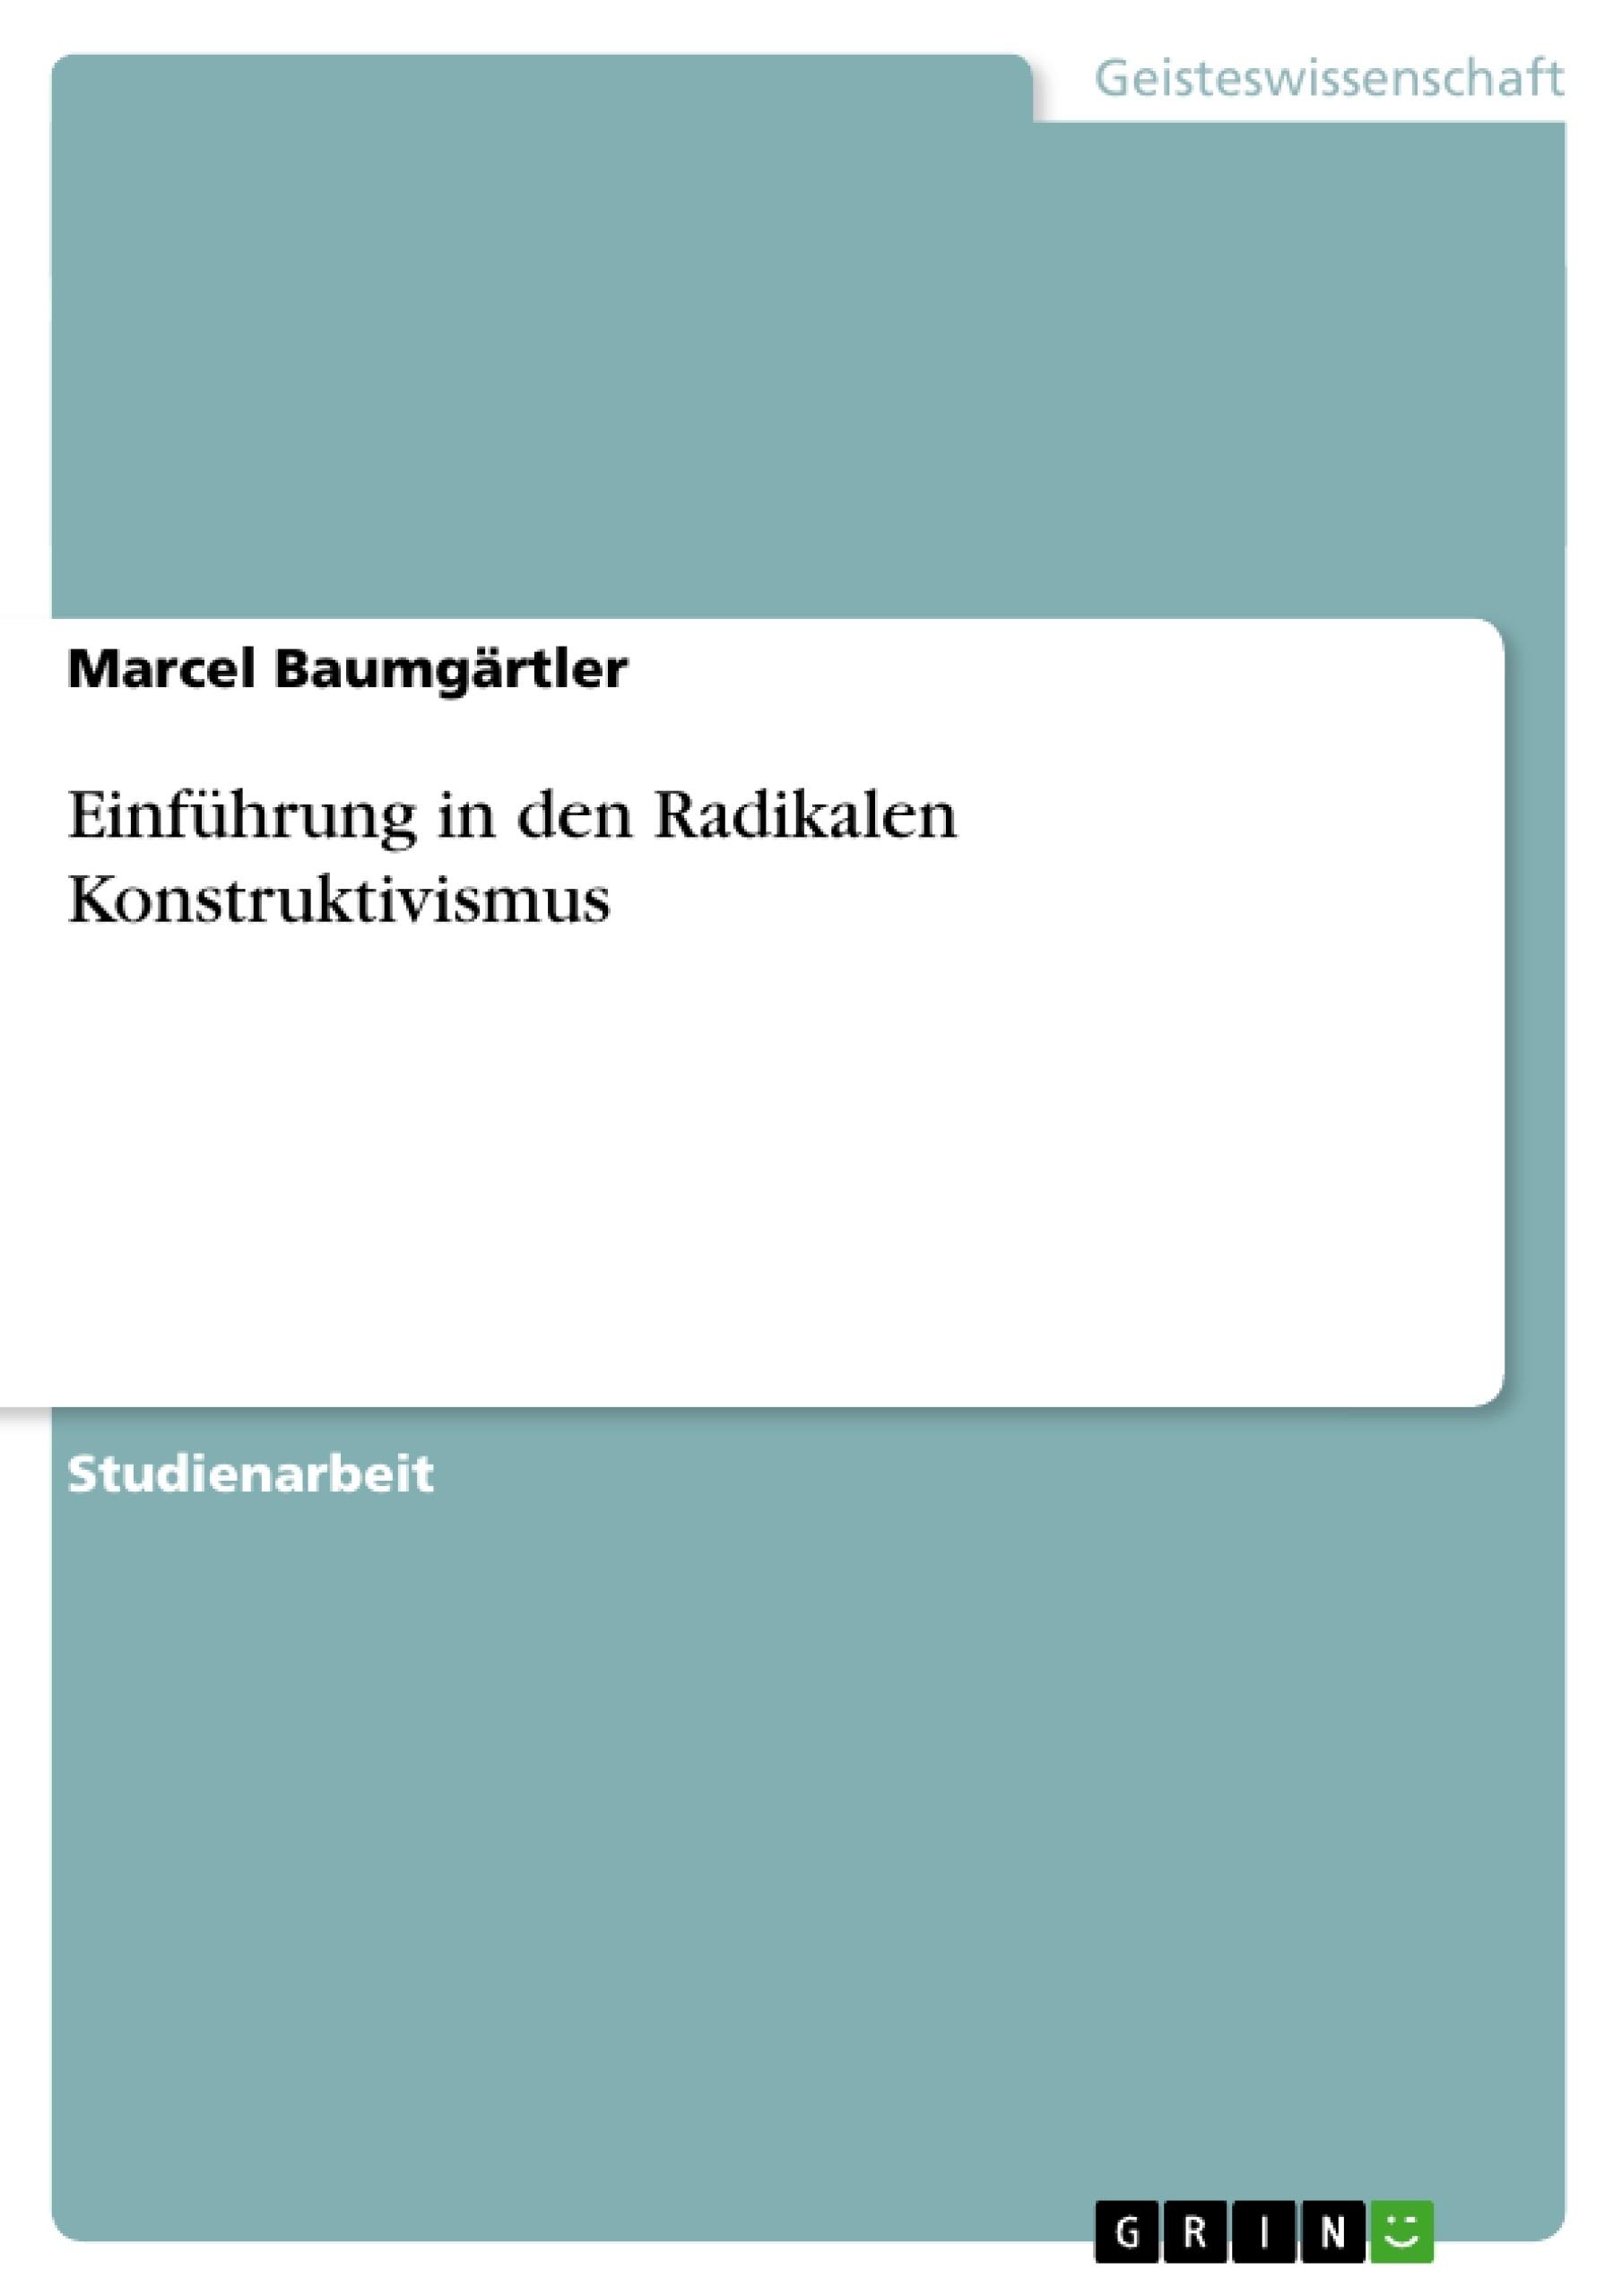 Titel: Einführung in den Radikalen Konstruktivismus